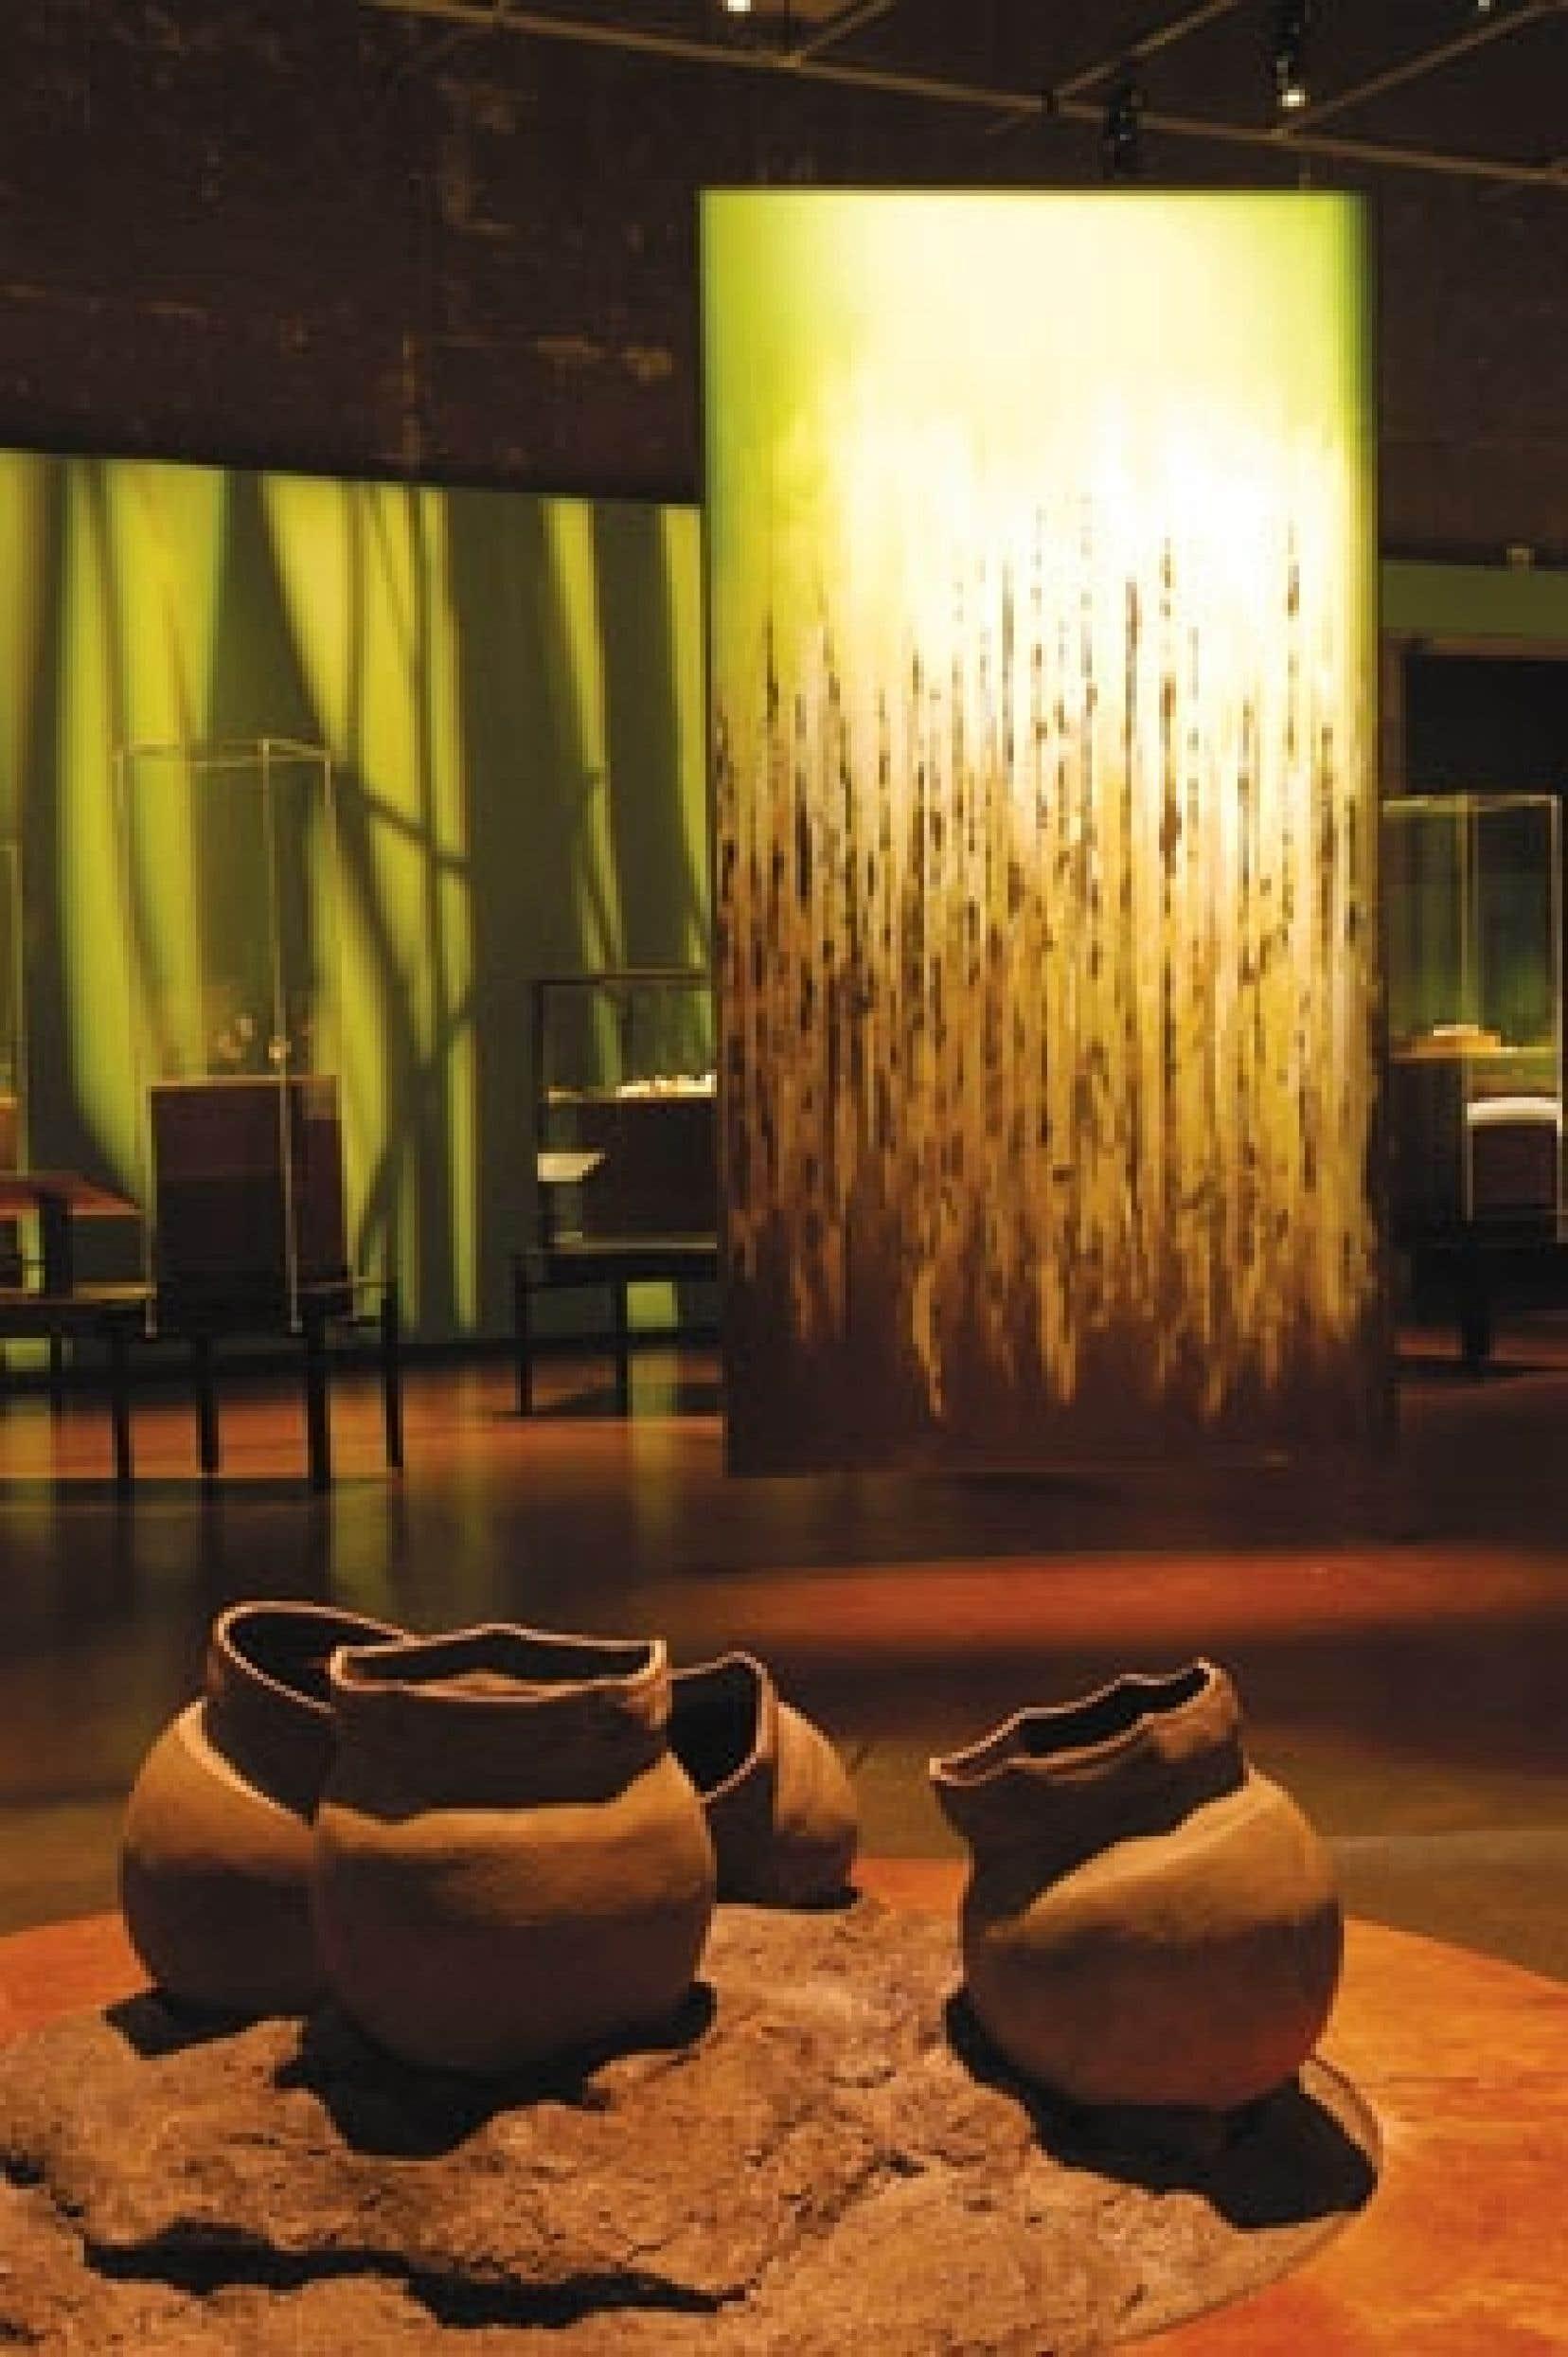 Grâce aux artefacts, on apprend à connaître la société iroquoienne matrilinéaire, dont les villages et campements s'étalaient autrefois depuis le lac Ontario jusqu'au Saguenay.